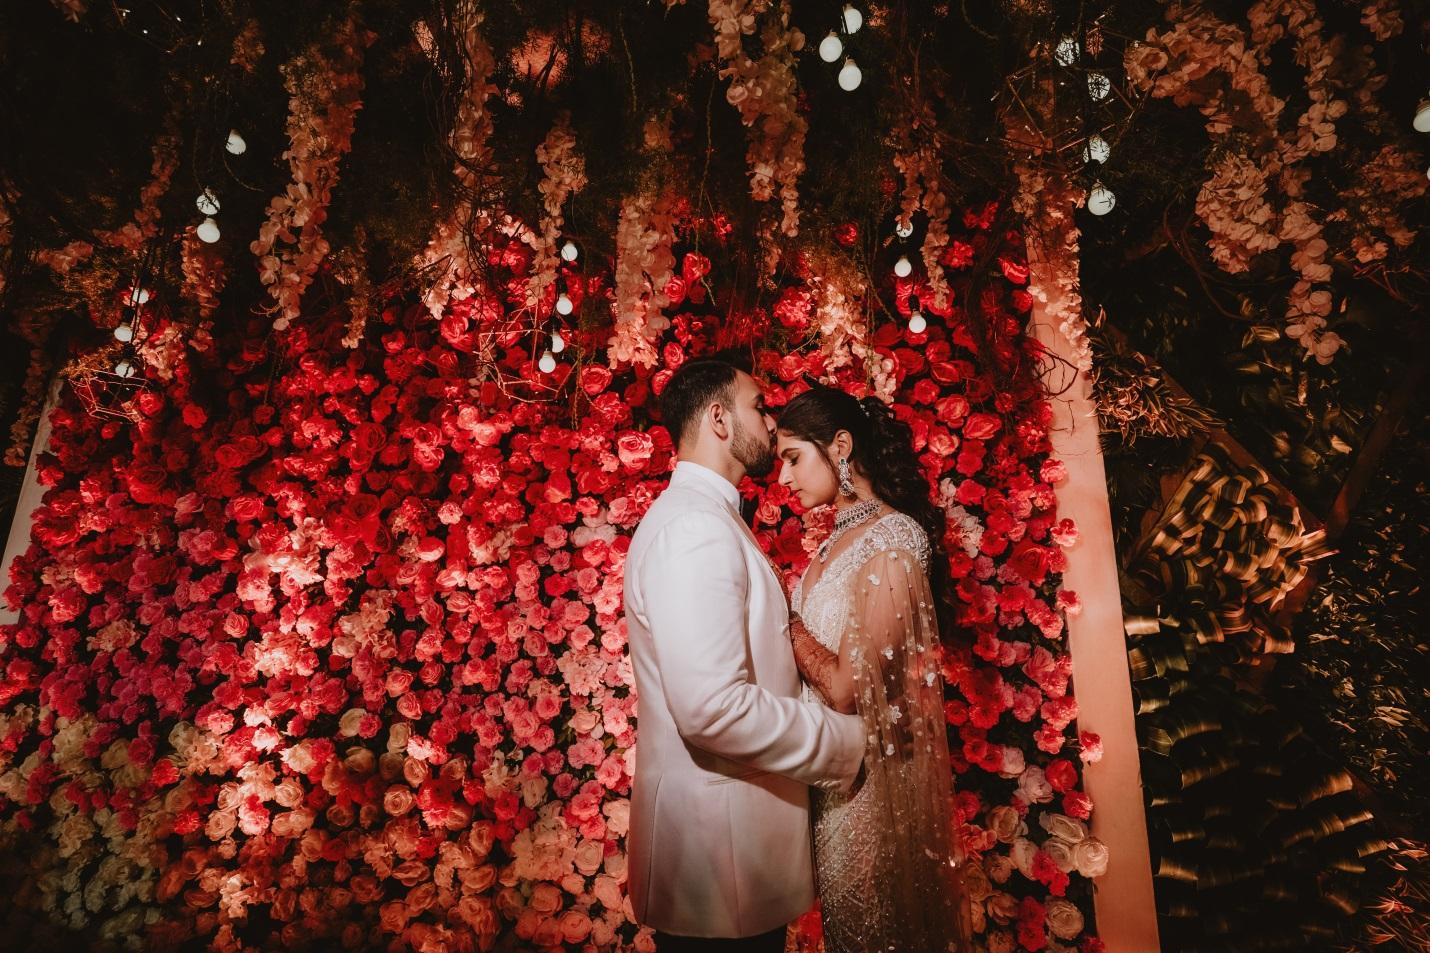 Muslim reception bride and groom